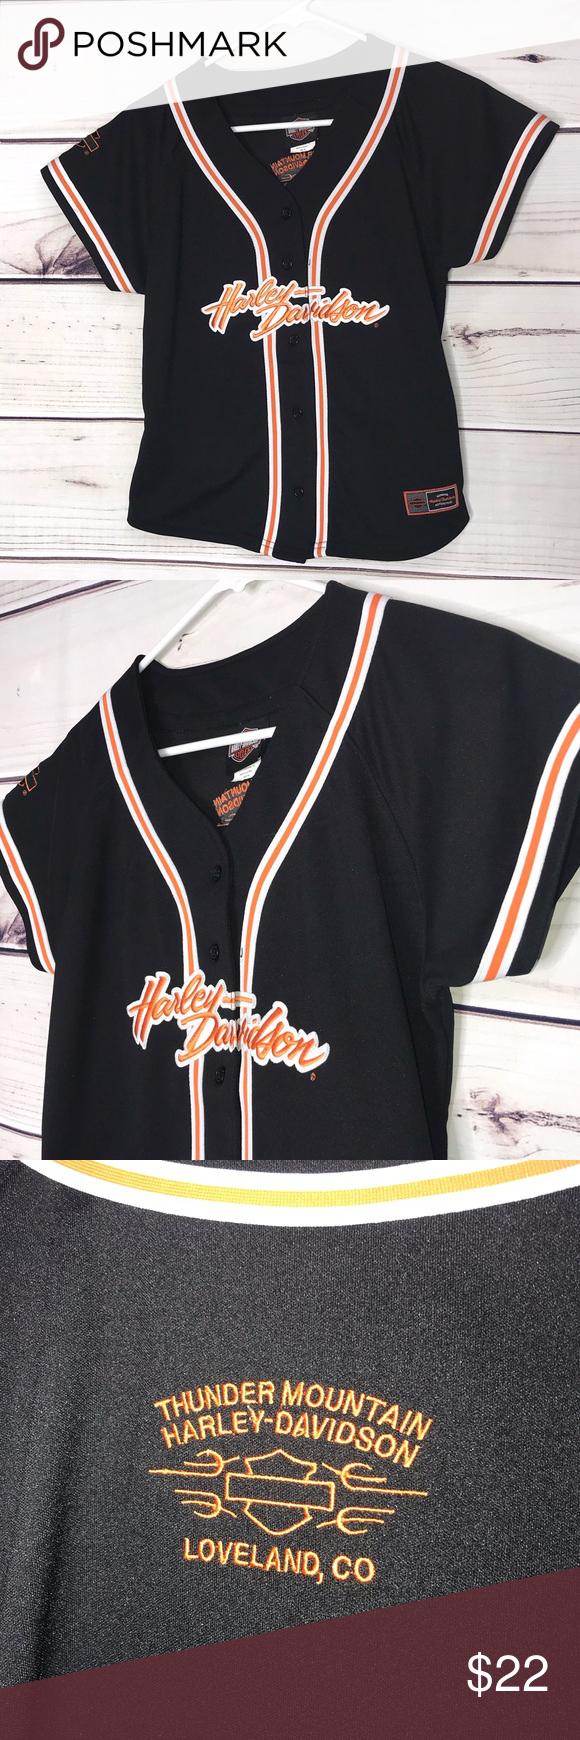 efe83065f Harley Davidson Baseball Jersey Shirt Youth Medium Harley Davidson Baseball  Jersey Shirt Youth Medium Thunder Mountain Harley-Davidson Loveland, ...